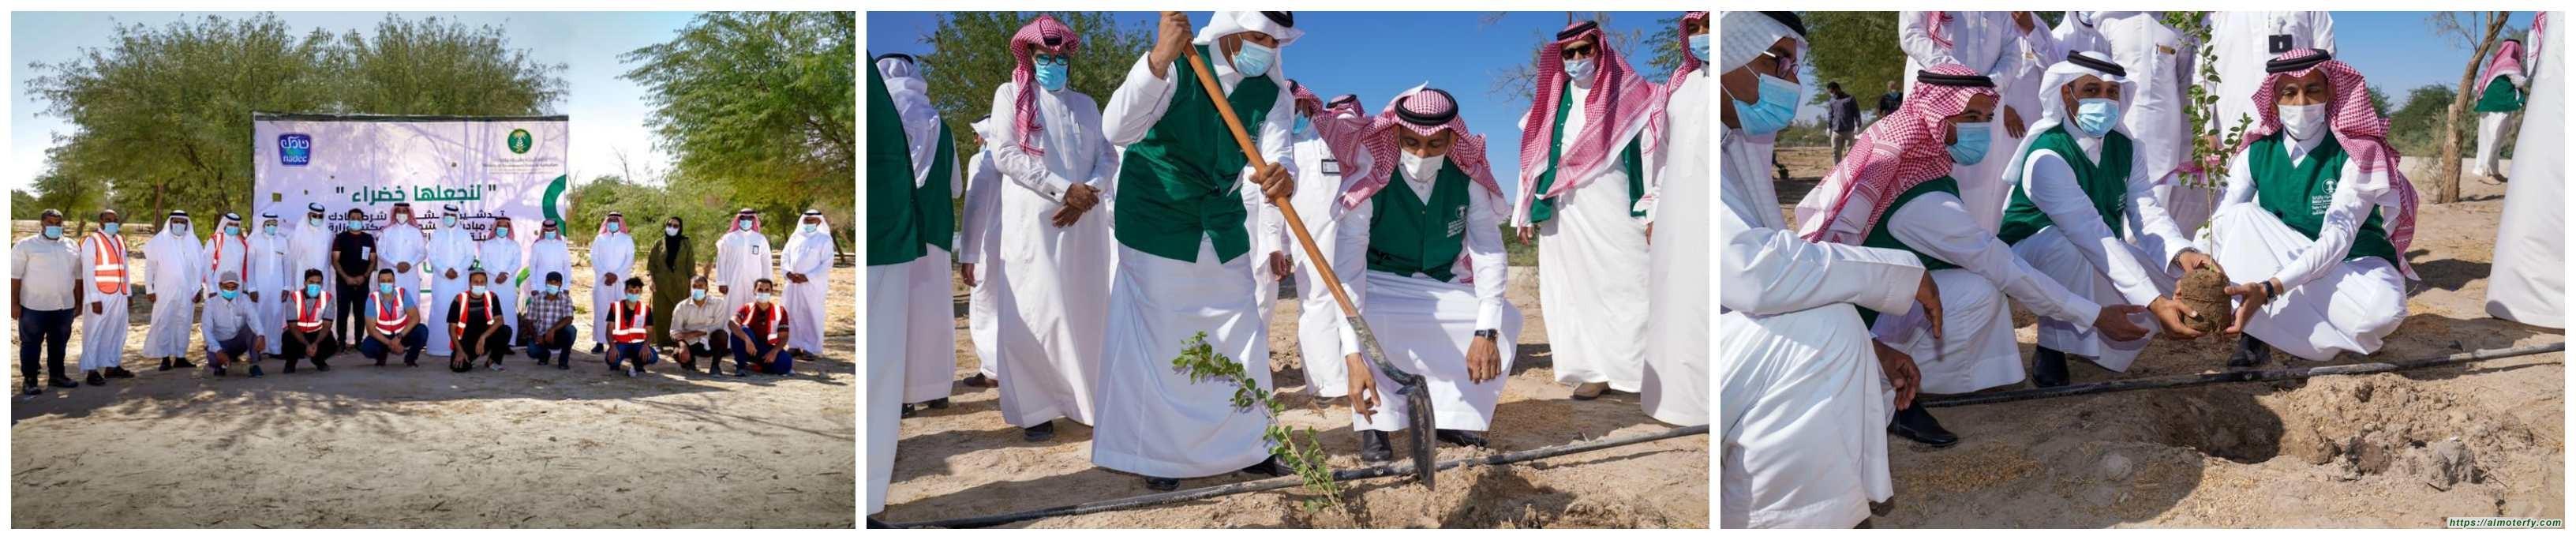 """"""" البيئة """" بالأحساء تطلق مبادرة لنجعلها خضراء بزراعة 85 ألف شجرة في عدد من المواقع بالمحافظة بتعاون مع"""" نادك """""""